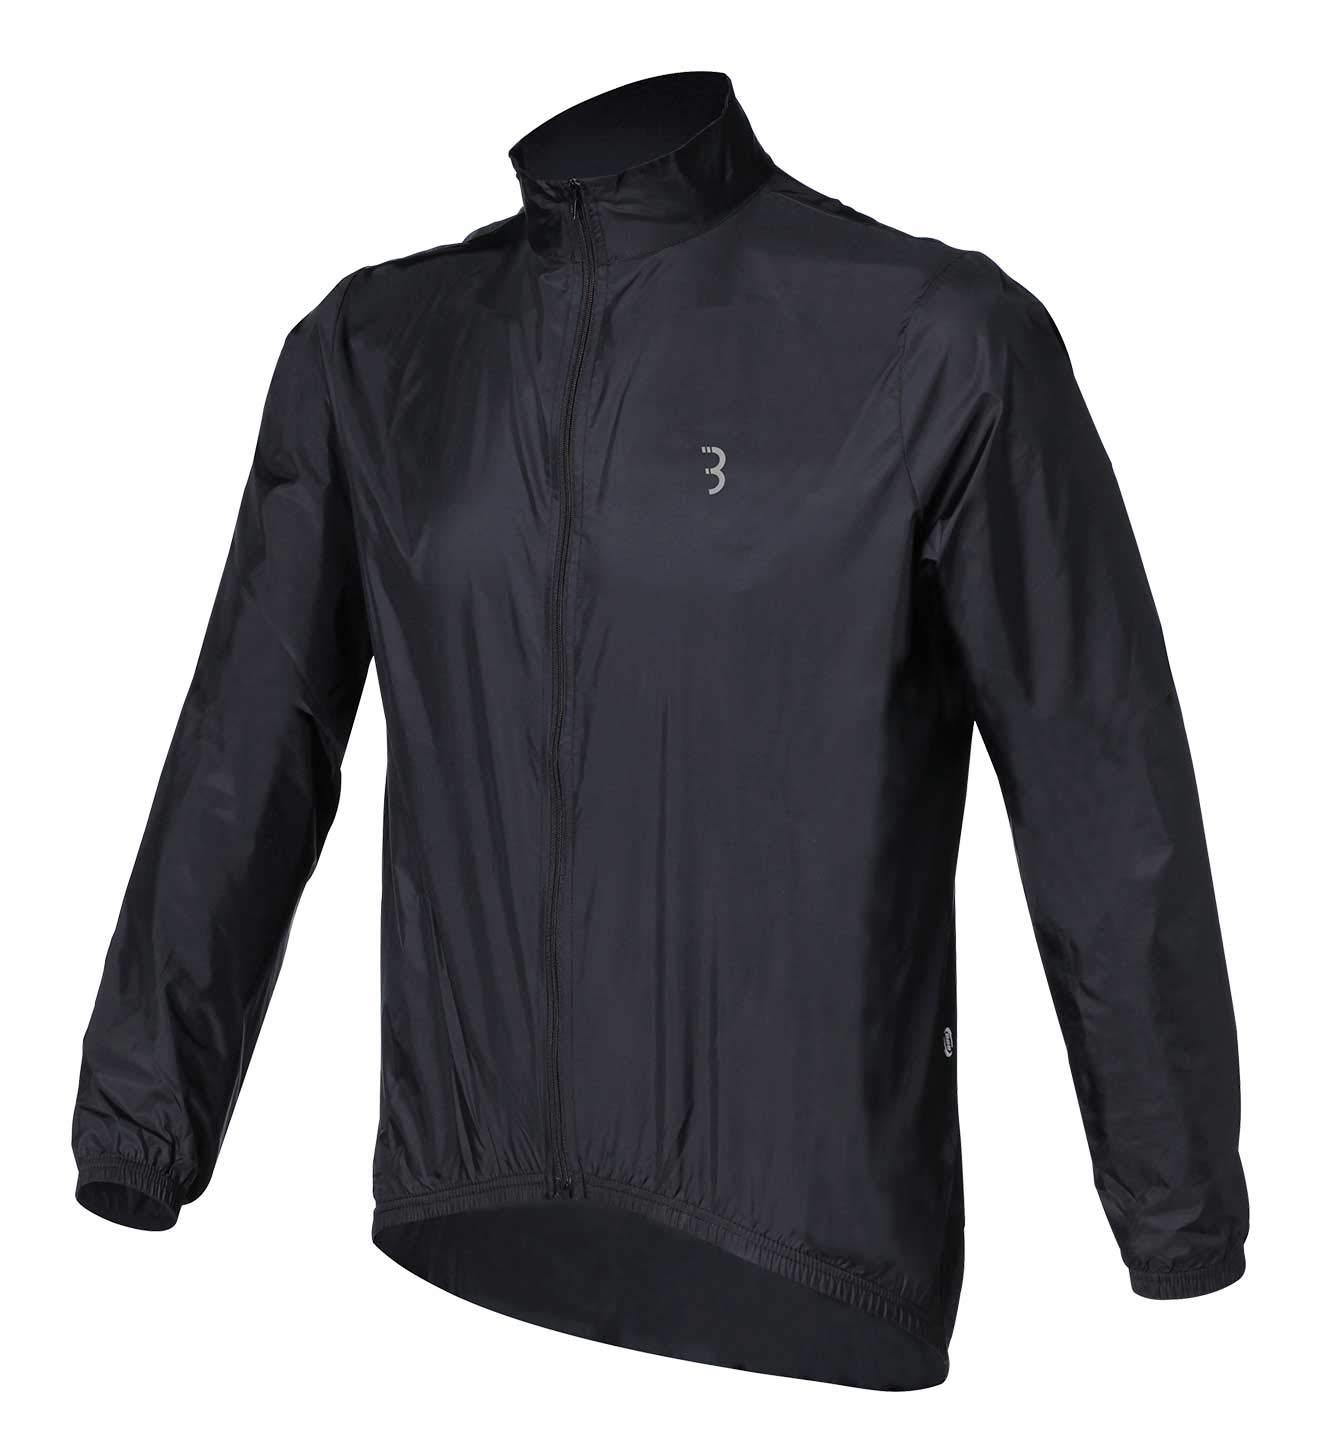 BBB Cycling Unisex – Erwachsene BaseShield Regenbekleidung, schwarz, XXL